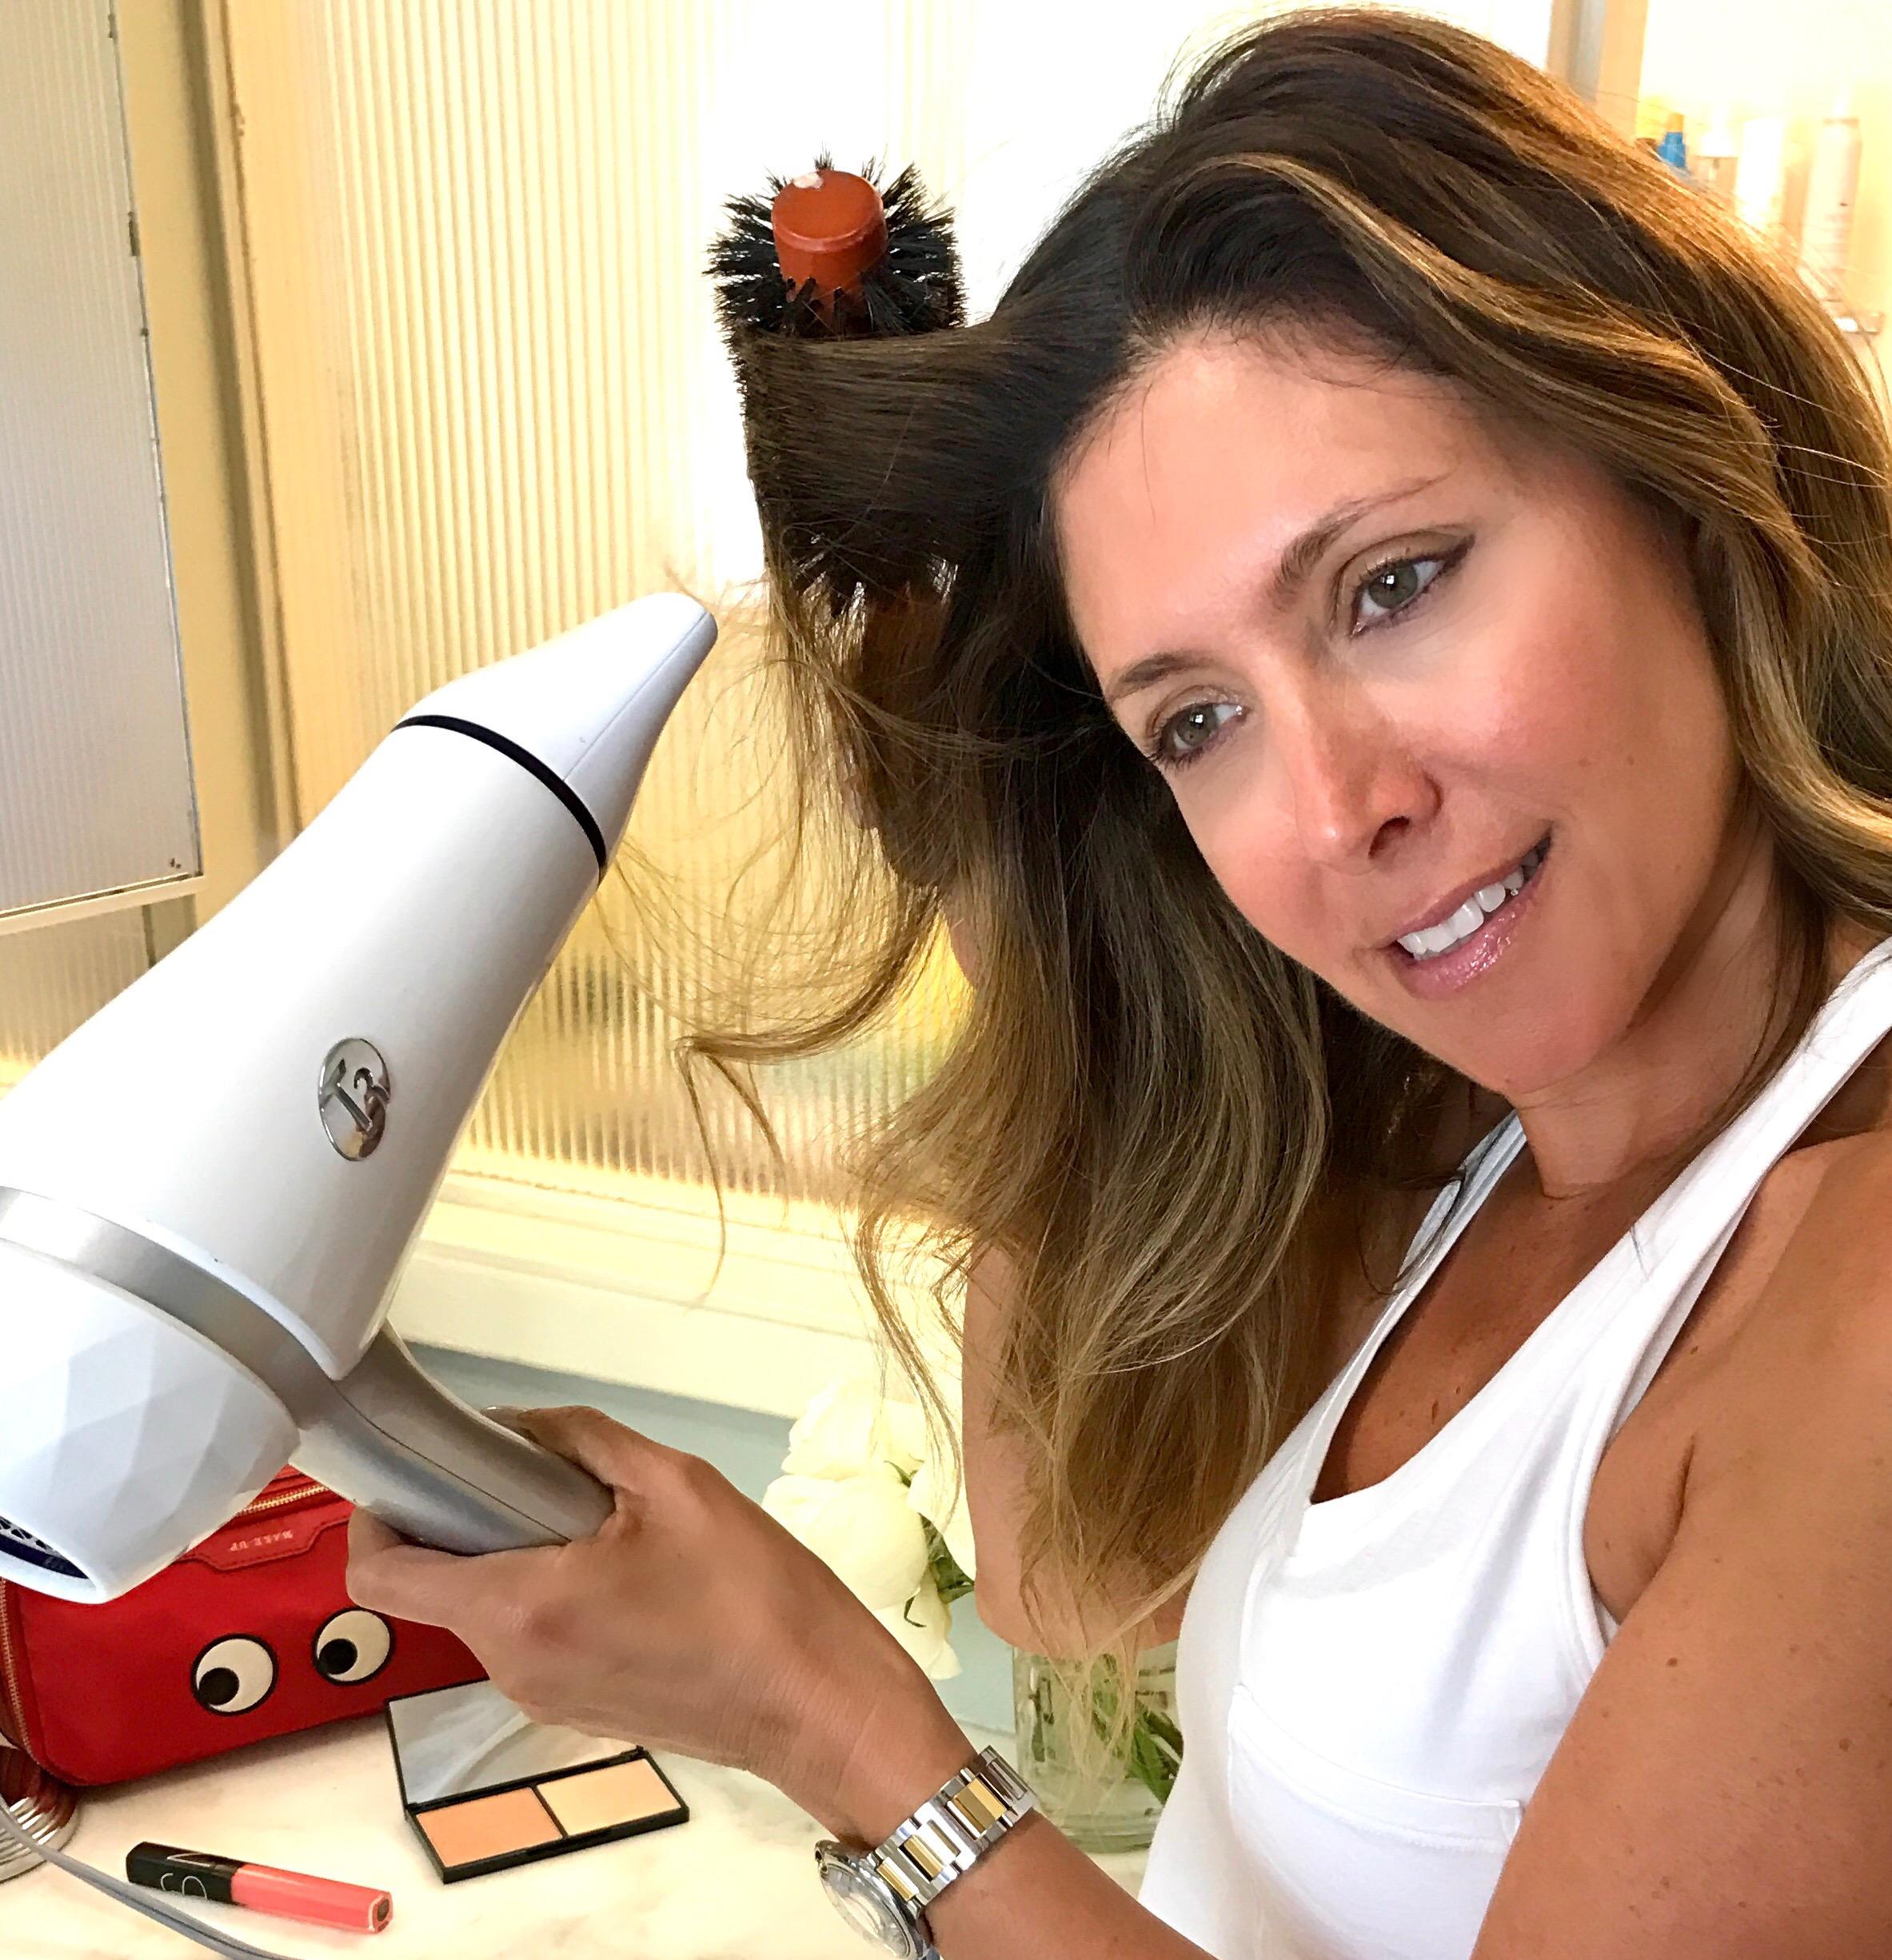 Melissa Meyers + T3 Blowdryer